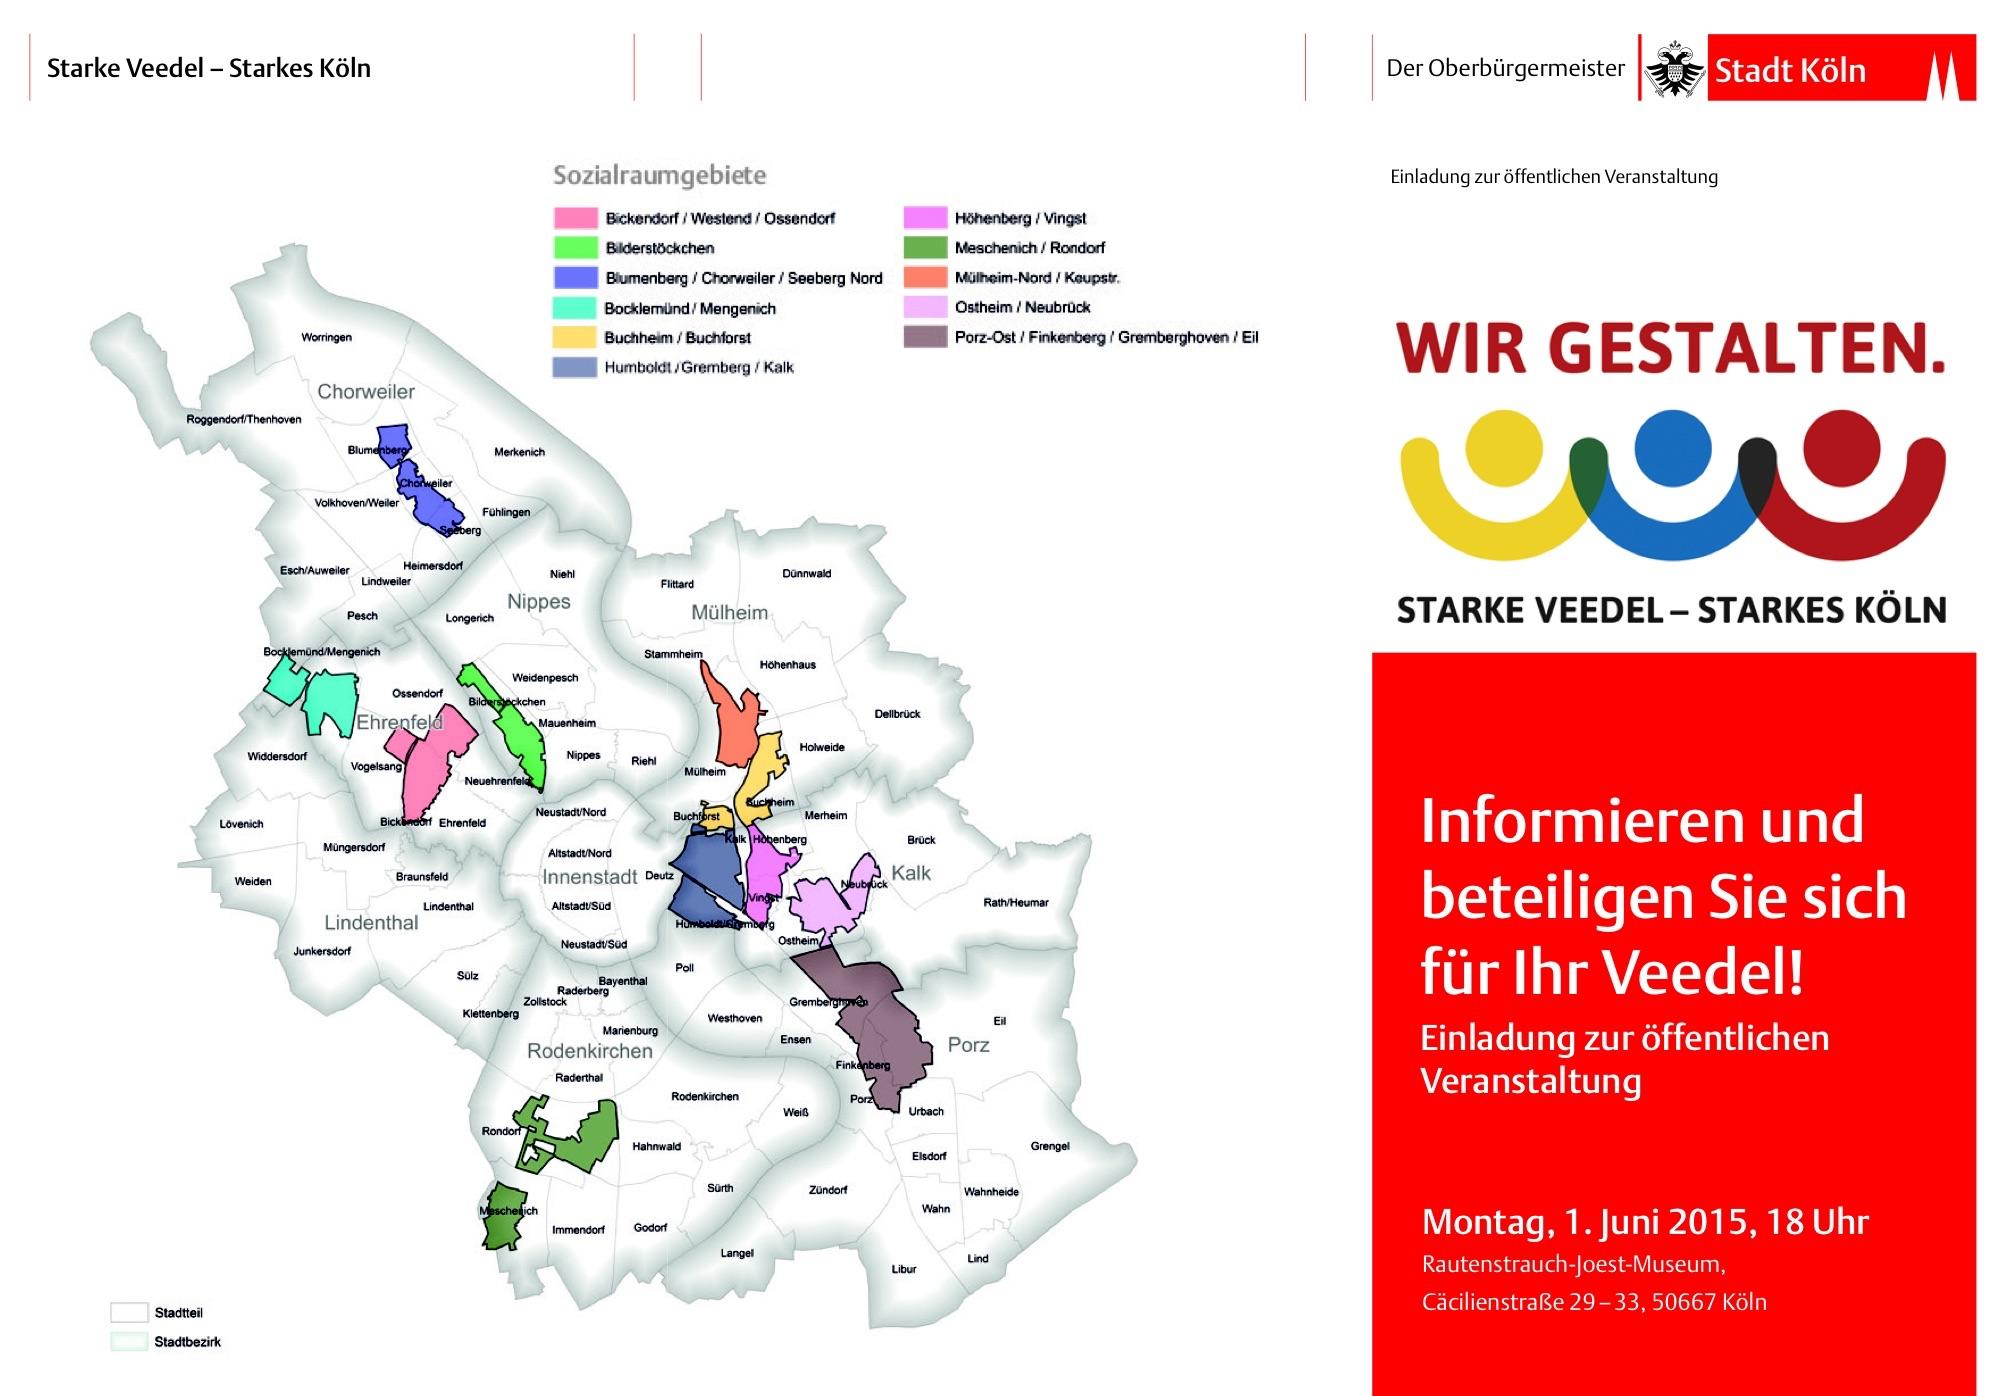 Starke Veedel – Starkes Köln